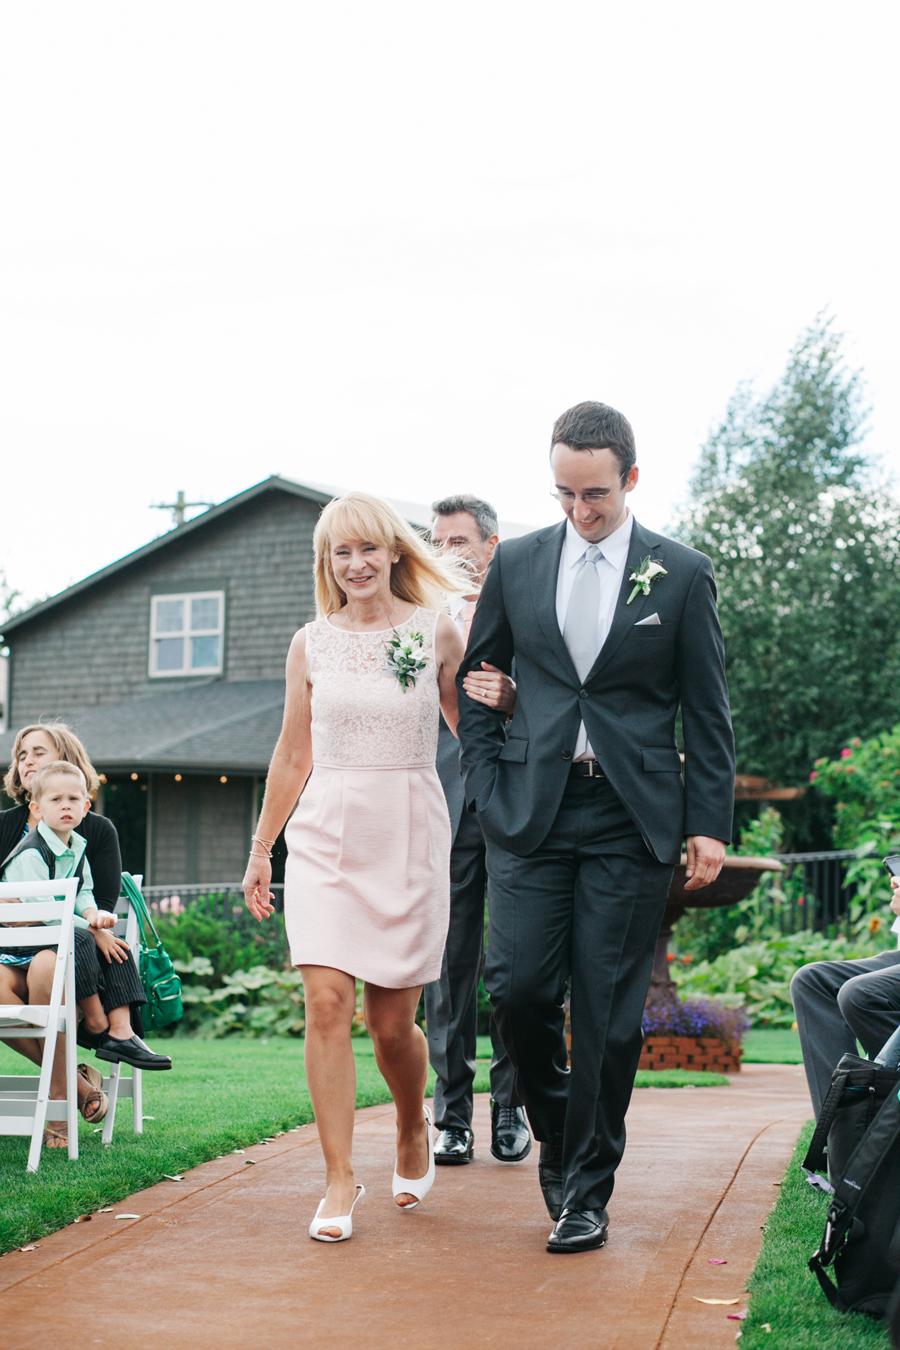 049-bellingham-wedding-photographer-katheryn-moran-photography-hidden-meadows.jpg